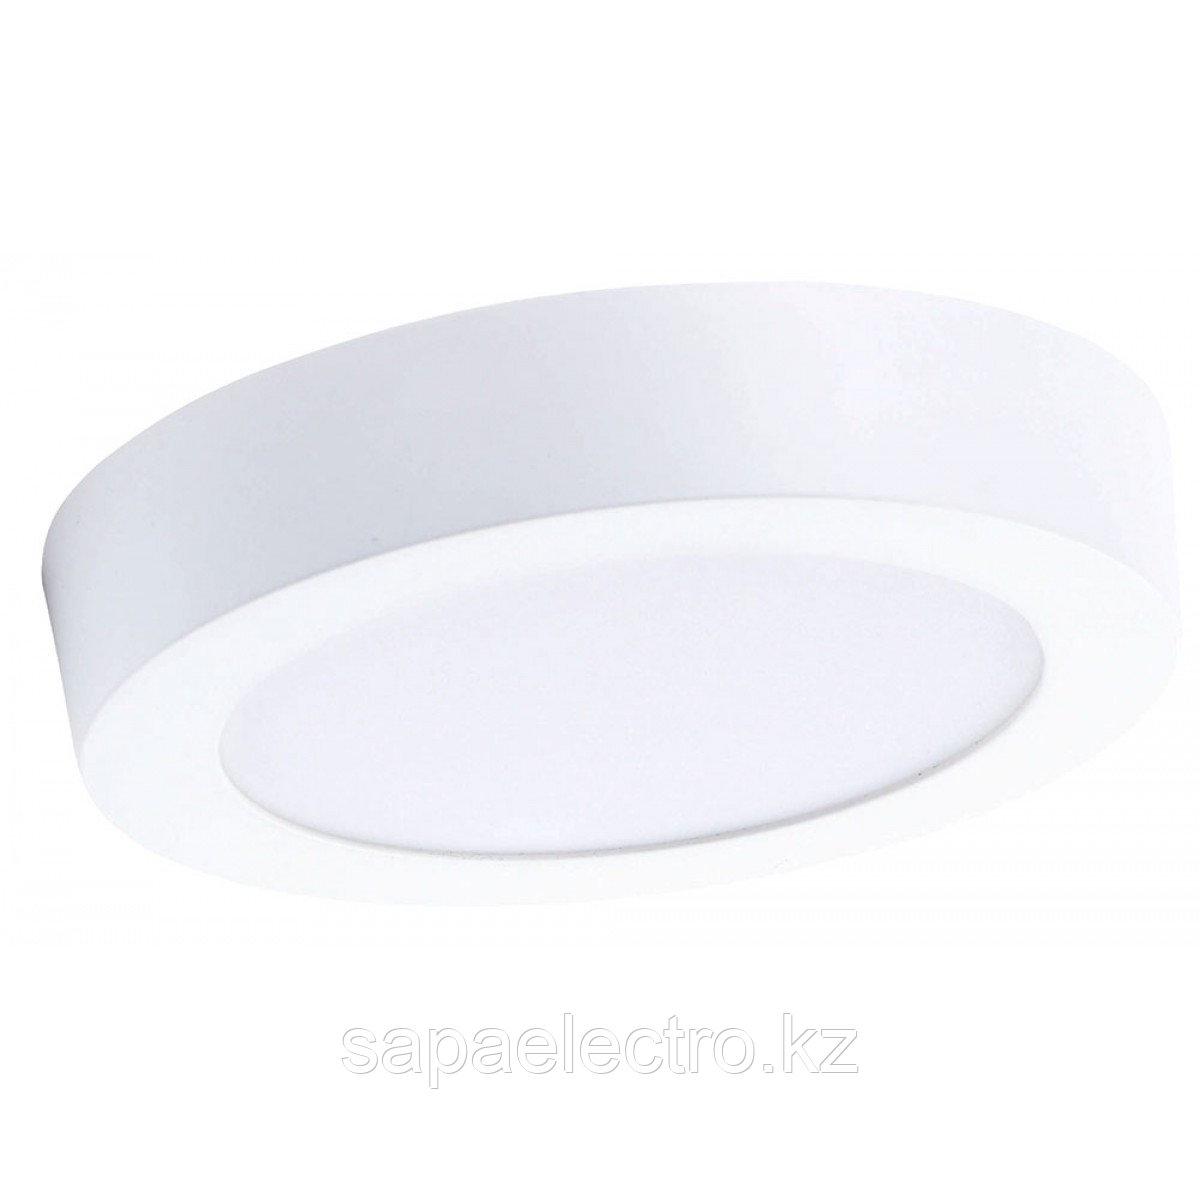 Свет-к ROUND PJMYMB005 12W LED 6000K (TEKSAN) 20шт